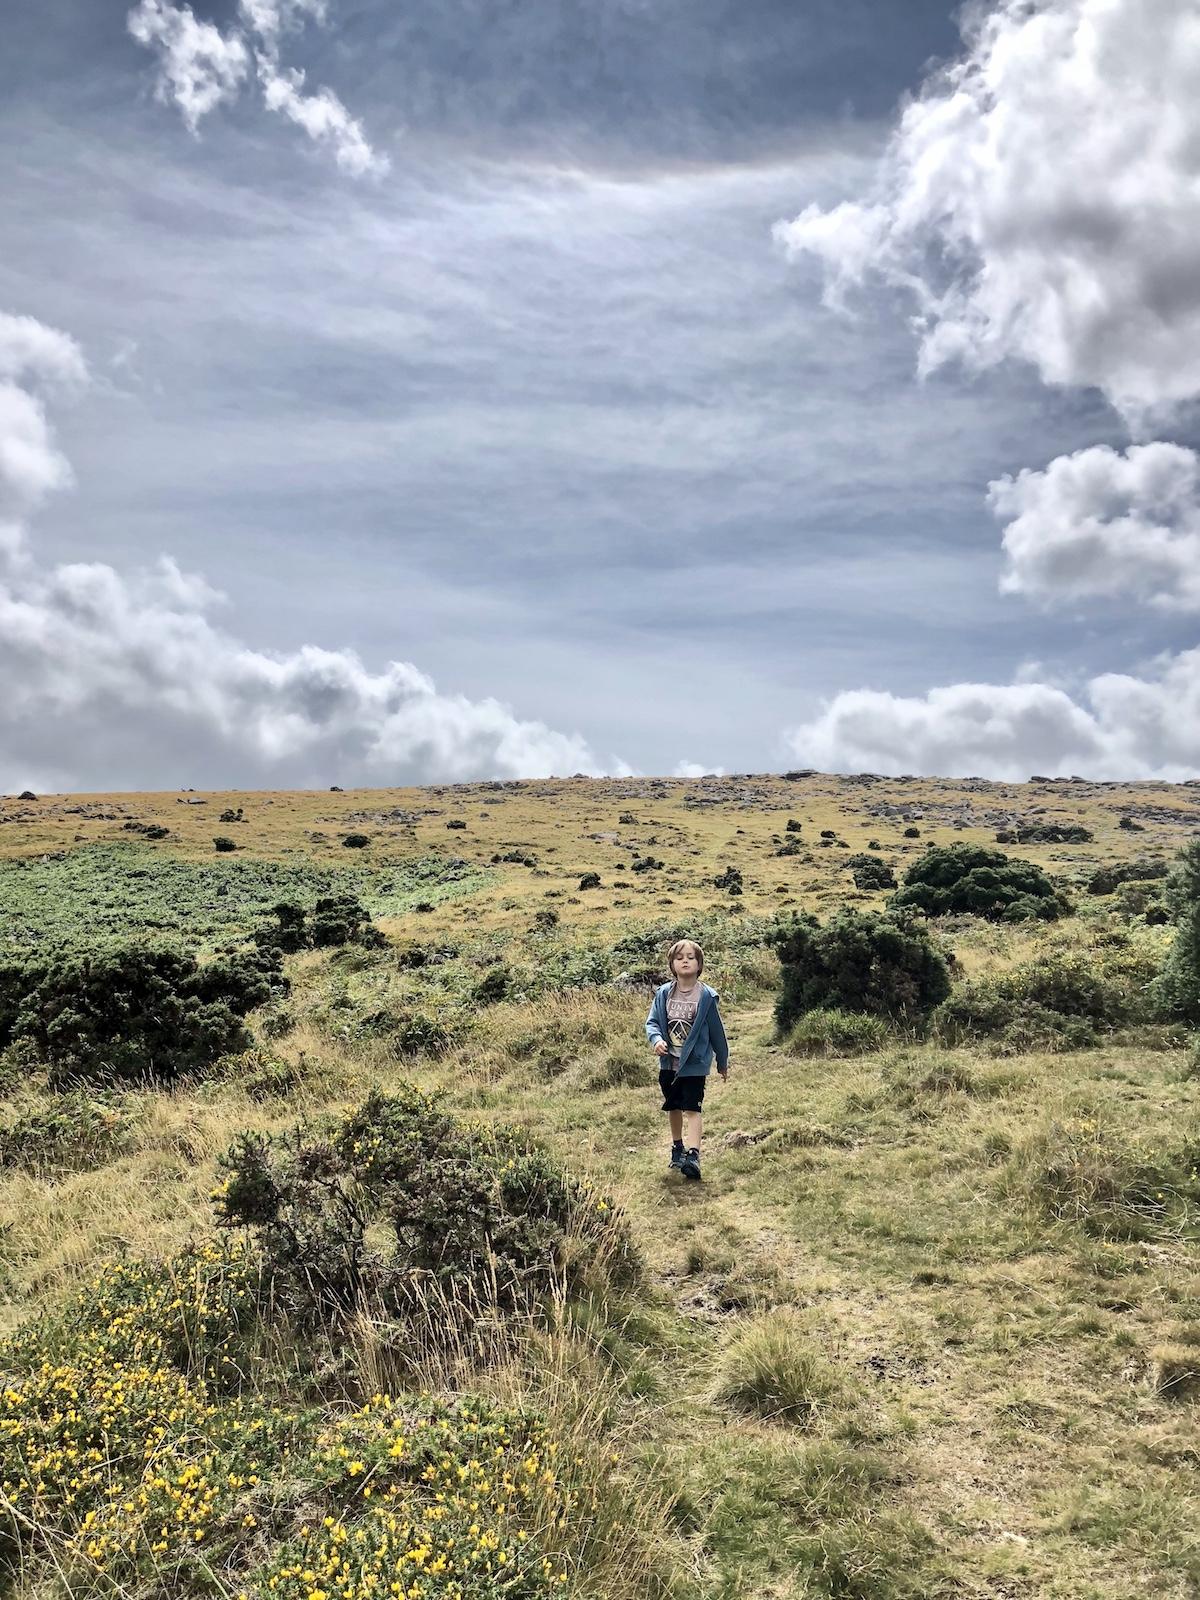 Coming down Dartmoor